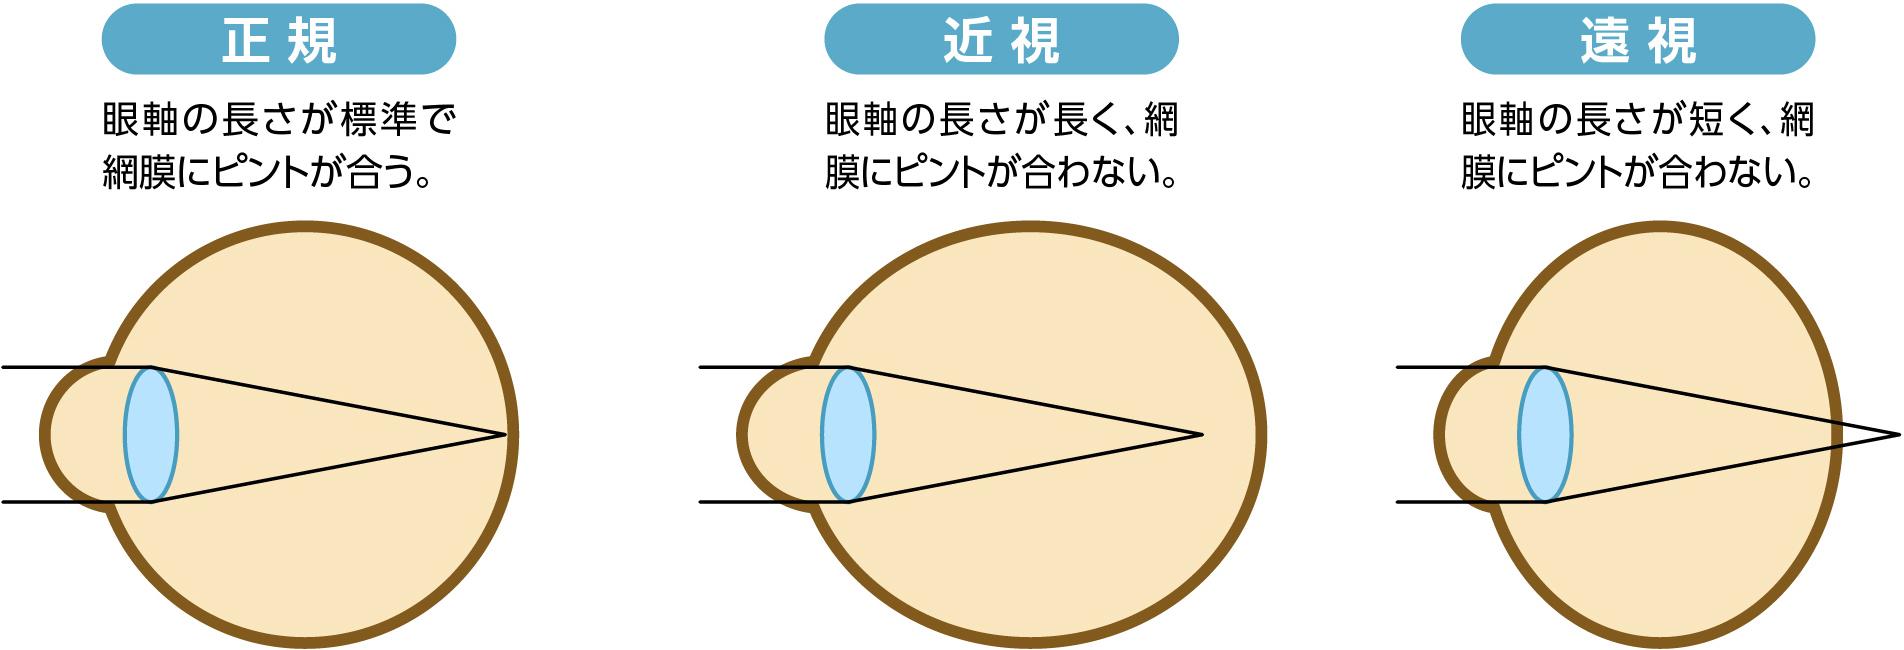 老眼による視機能低下のしくみ